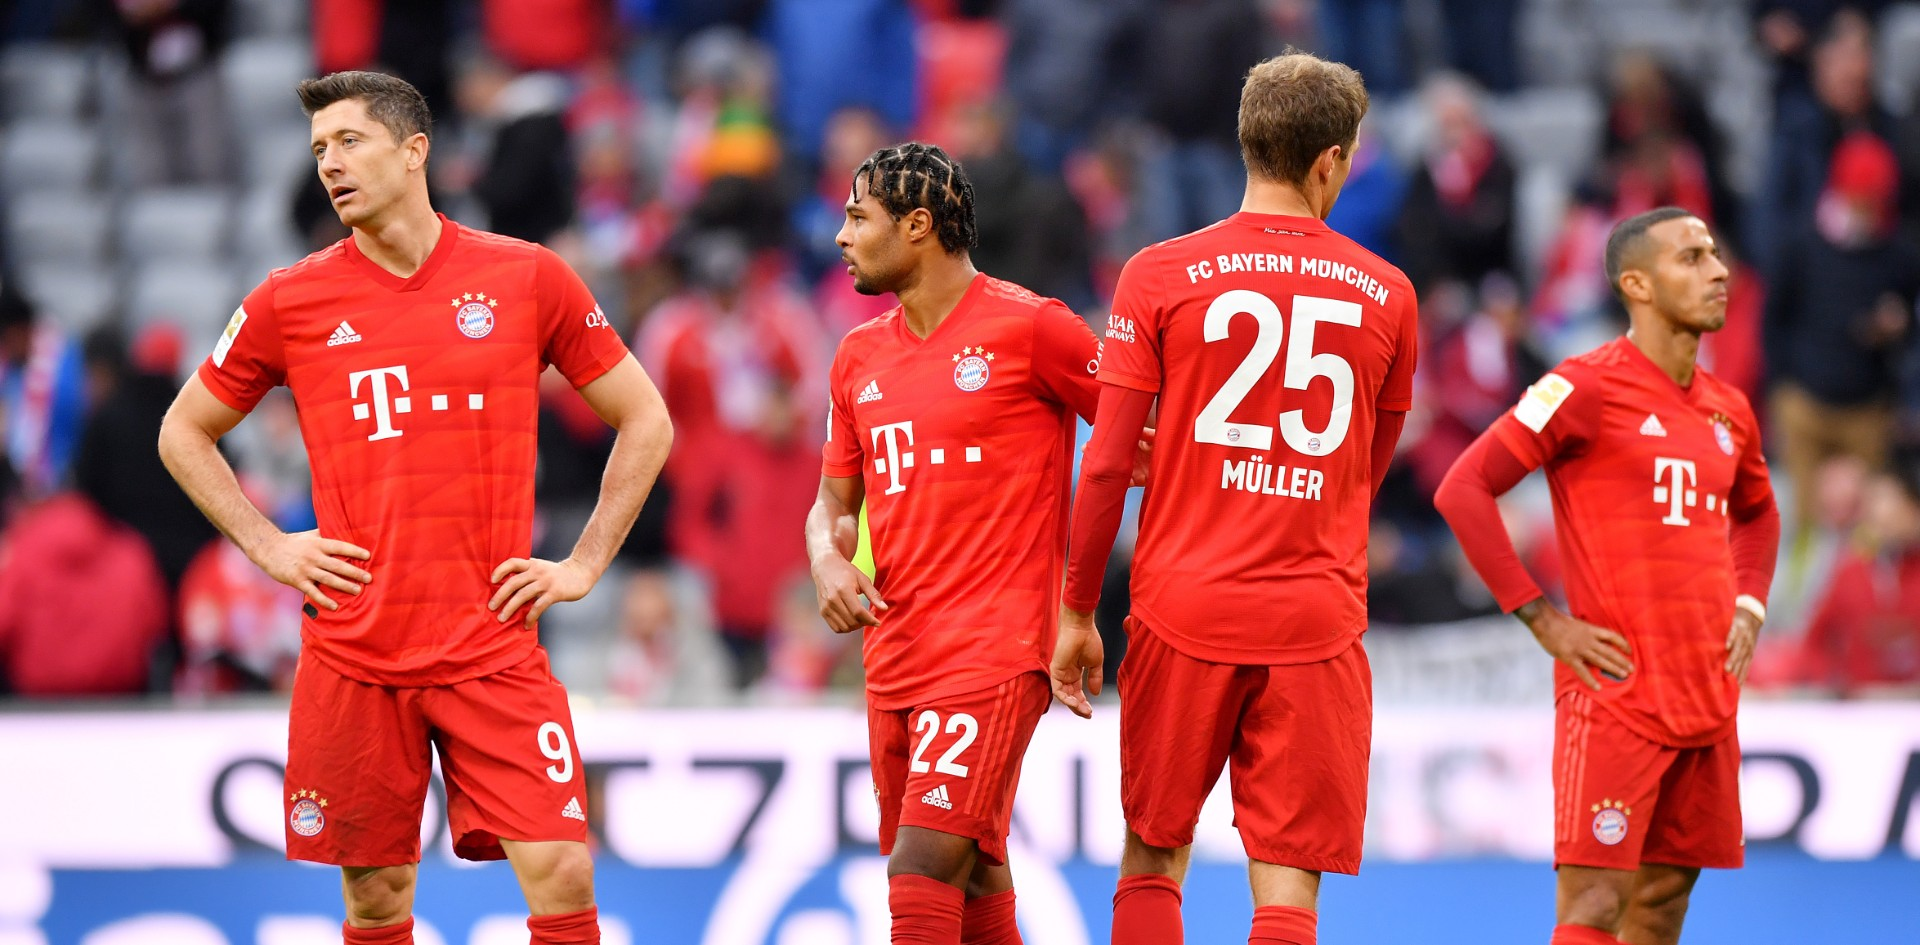 Dentro da Allianz Arena, o Hoffenheim venceu e obrigou o Bayern a pôr os pés no chão